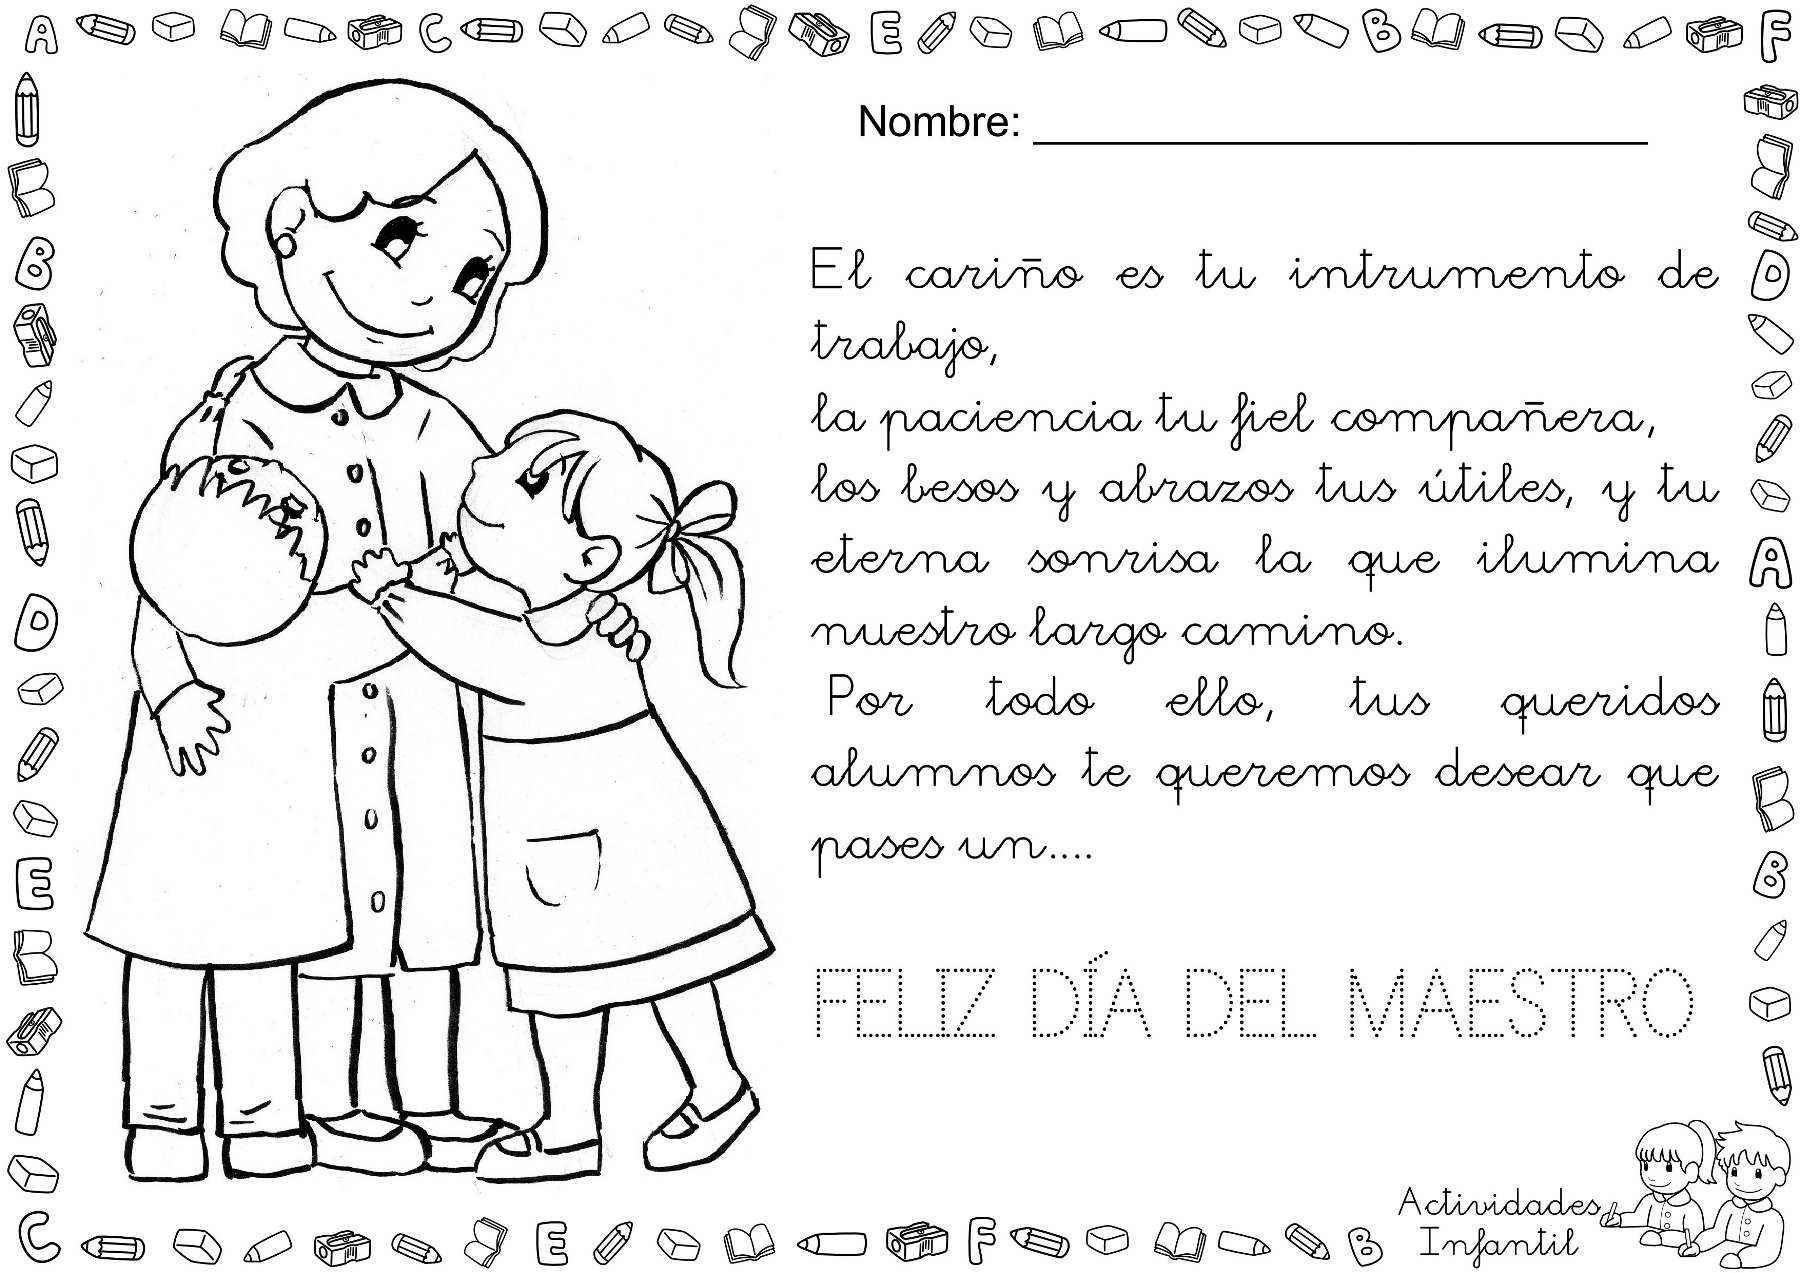 Elegante Dibujos Para Colorear Nina Bonita Dia De Los Maestros